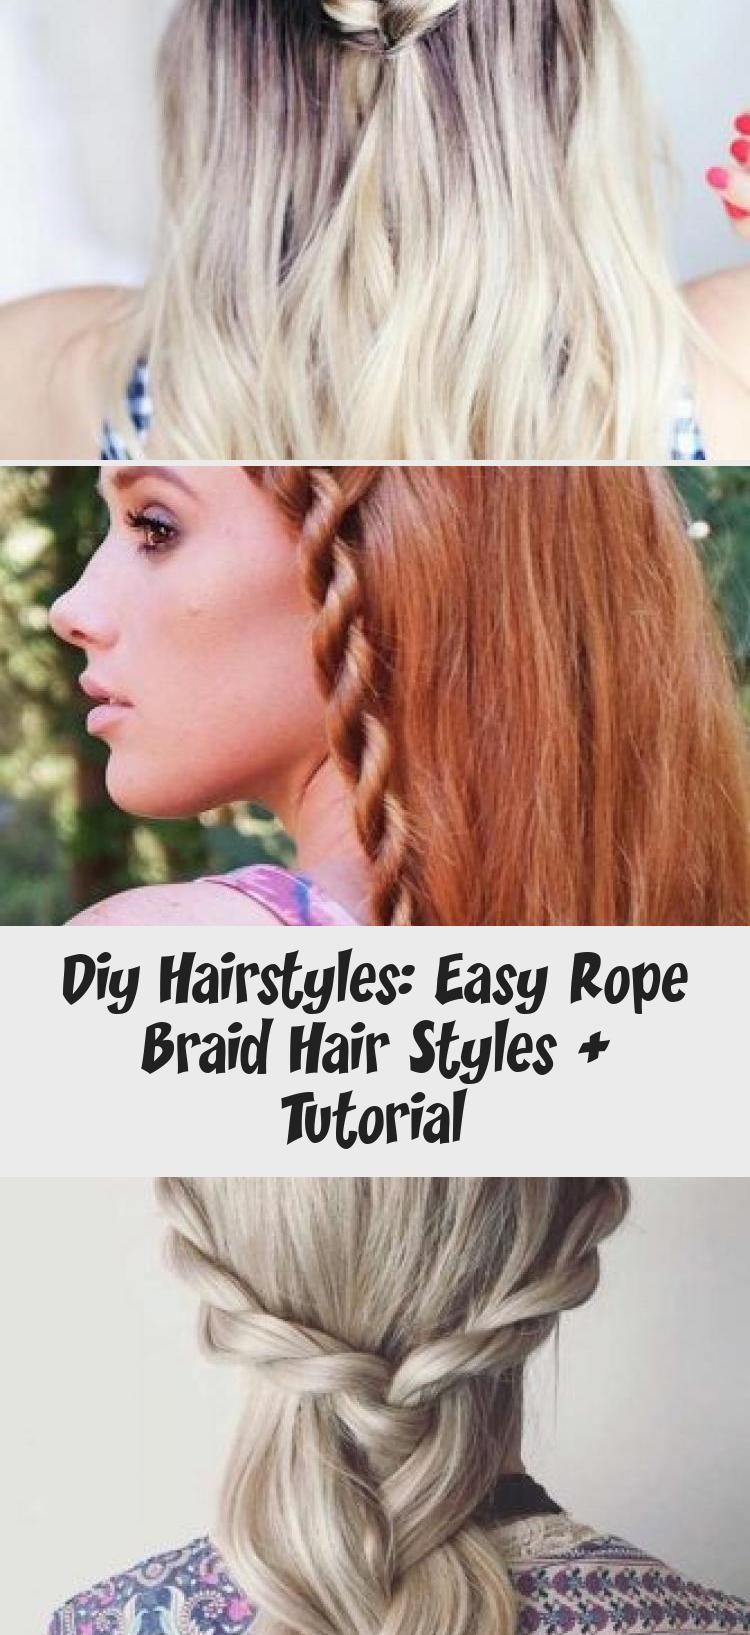 Hairtutorialstraight Curlyhairtutorial Hairtutorialafricanamerican Hairtutorialpainting Hairtutorialqu In 2020 Rope Braided Hairstyle Hair Tutorial Diy Hairstyles